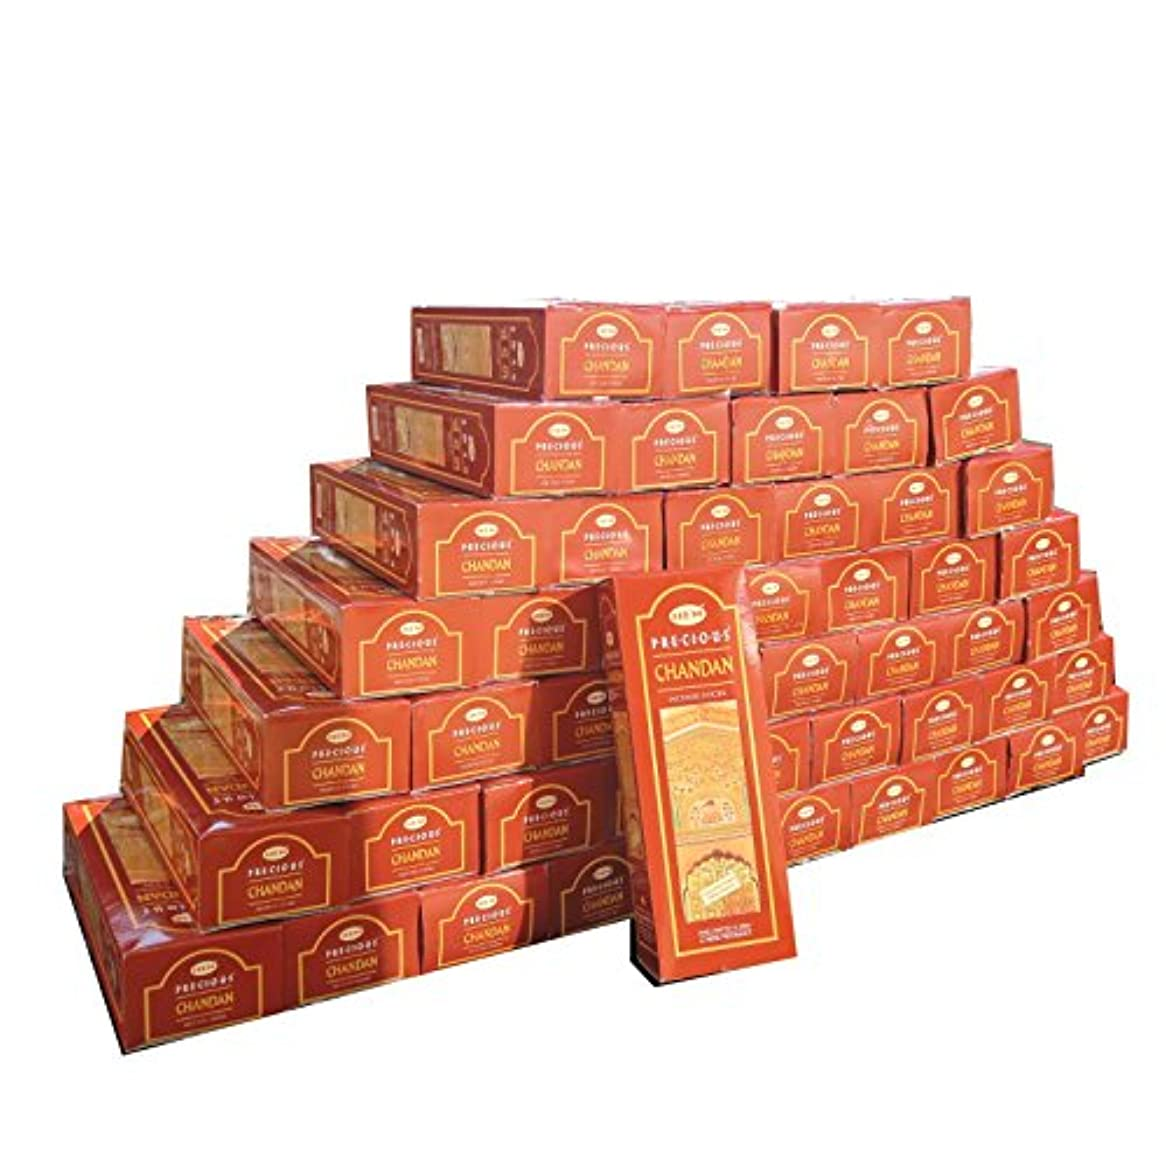 防腐剤伝えるずんぐりした業務用 インドスティック形お香 プレシャスチャンダン 300箱入り